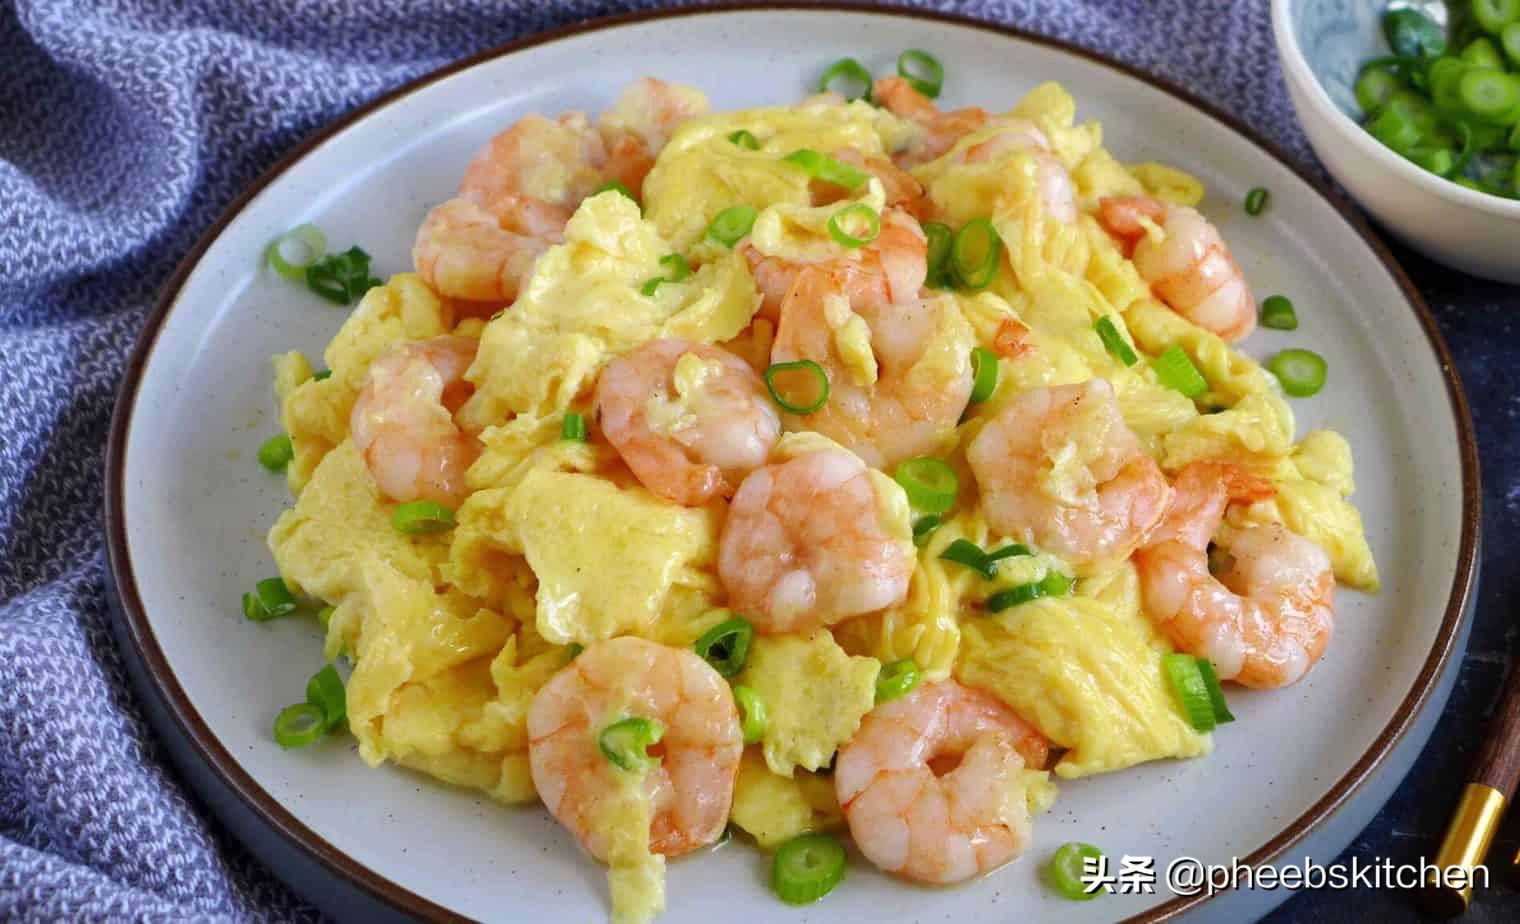 广东特色的虾仁滑蛋做法,滑嫩鲜香,清淡美味,老人小孩超爱吃 美食做法 第7张